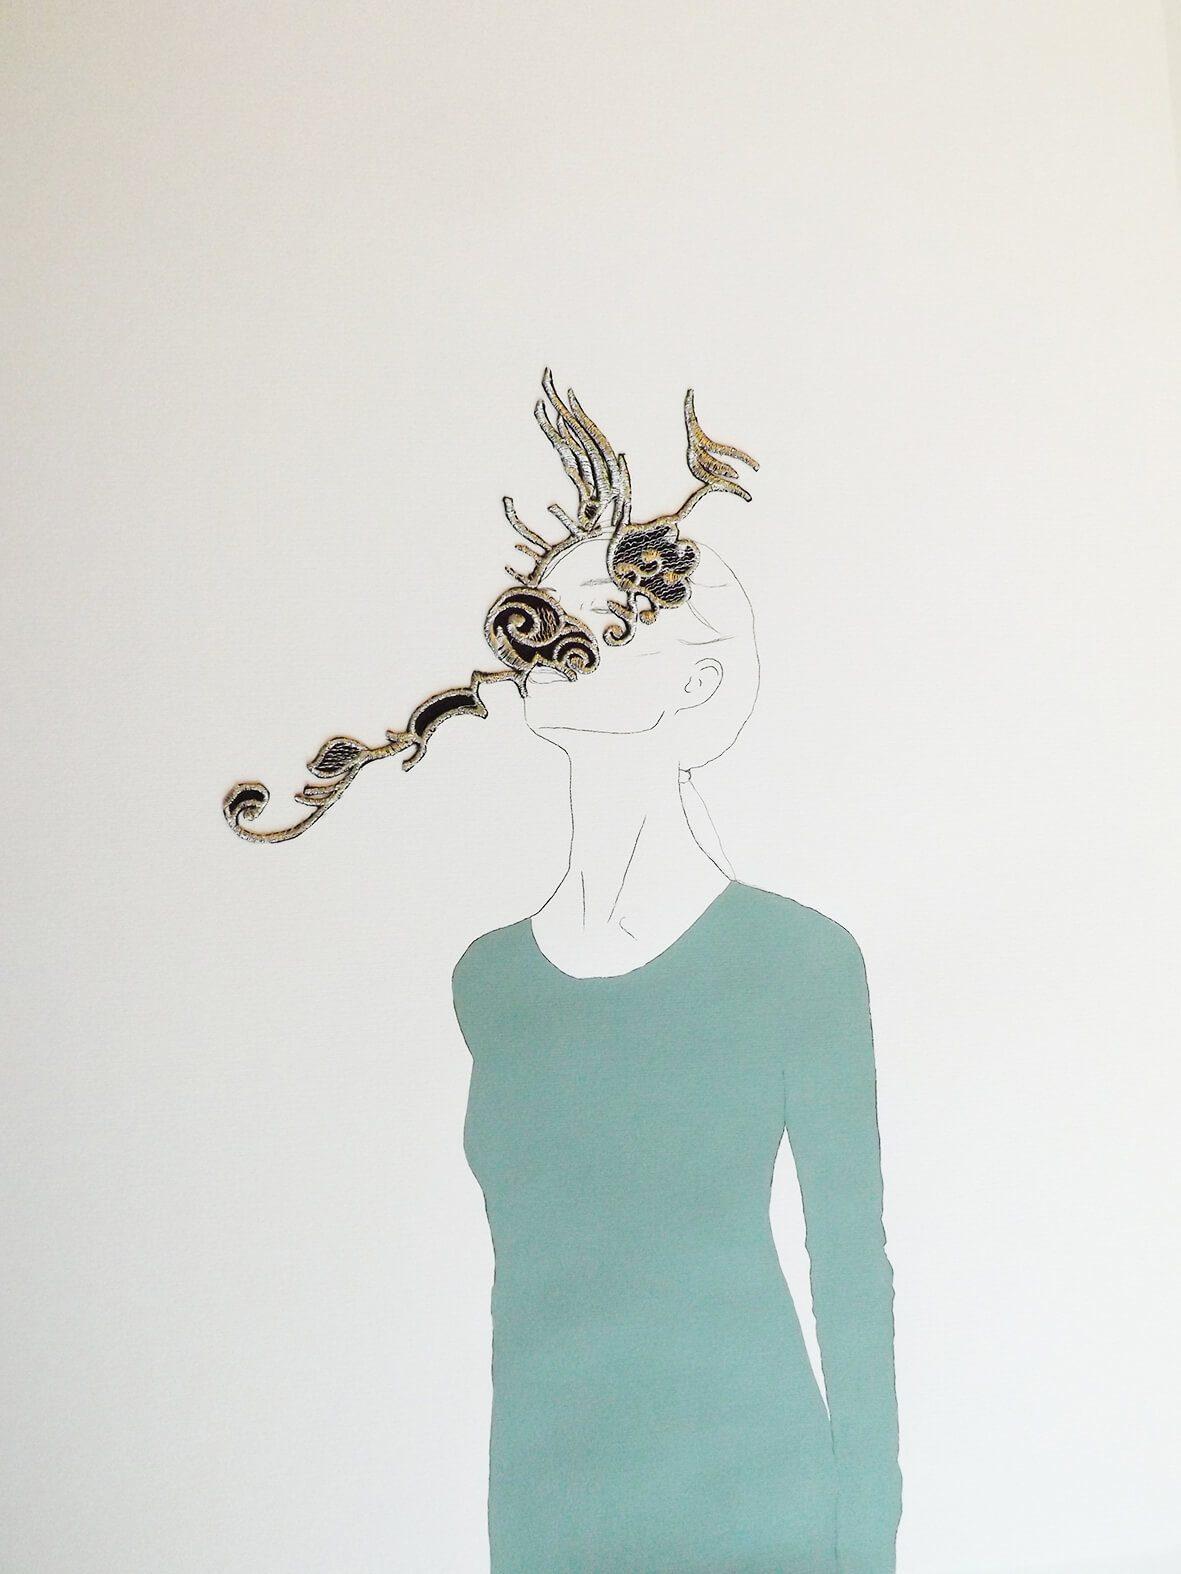 Hechizo Mosquito / Las princesas delicadas. Técnica mixta (grafito, bordado y acrílico) sobre papel.  83x63 cms